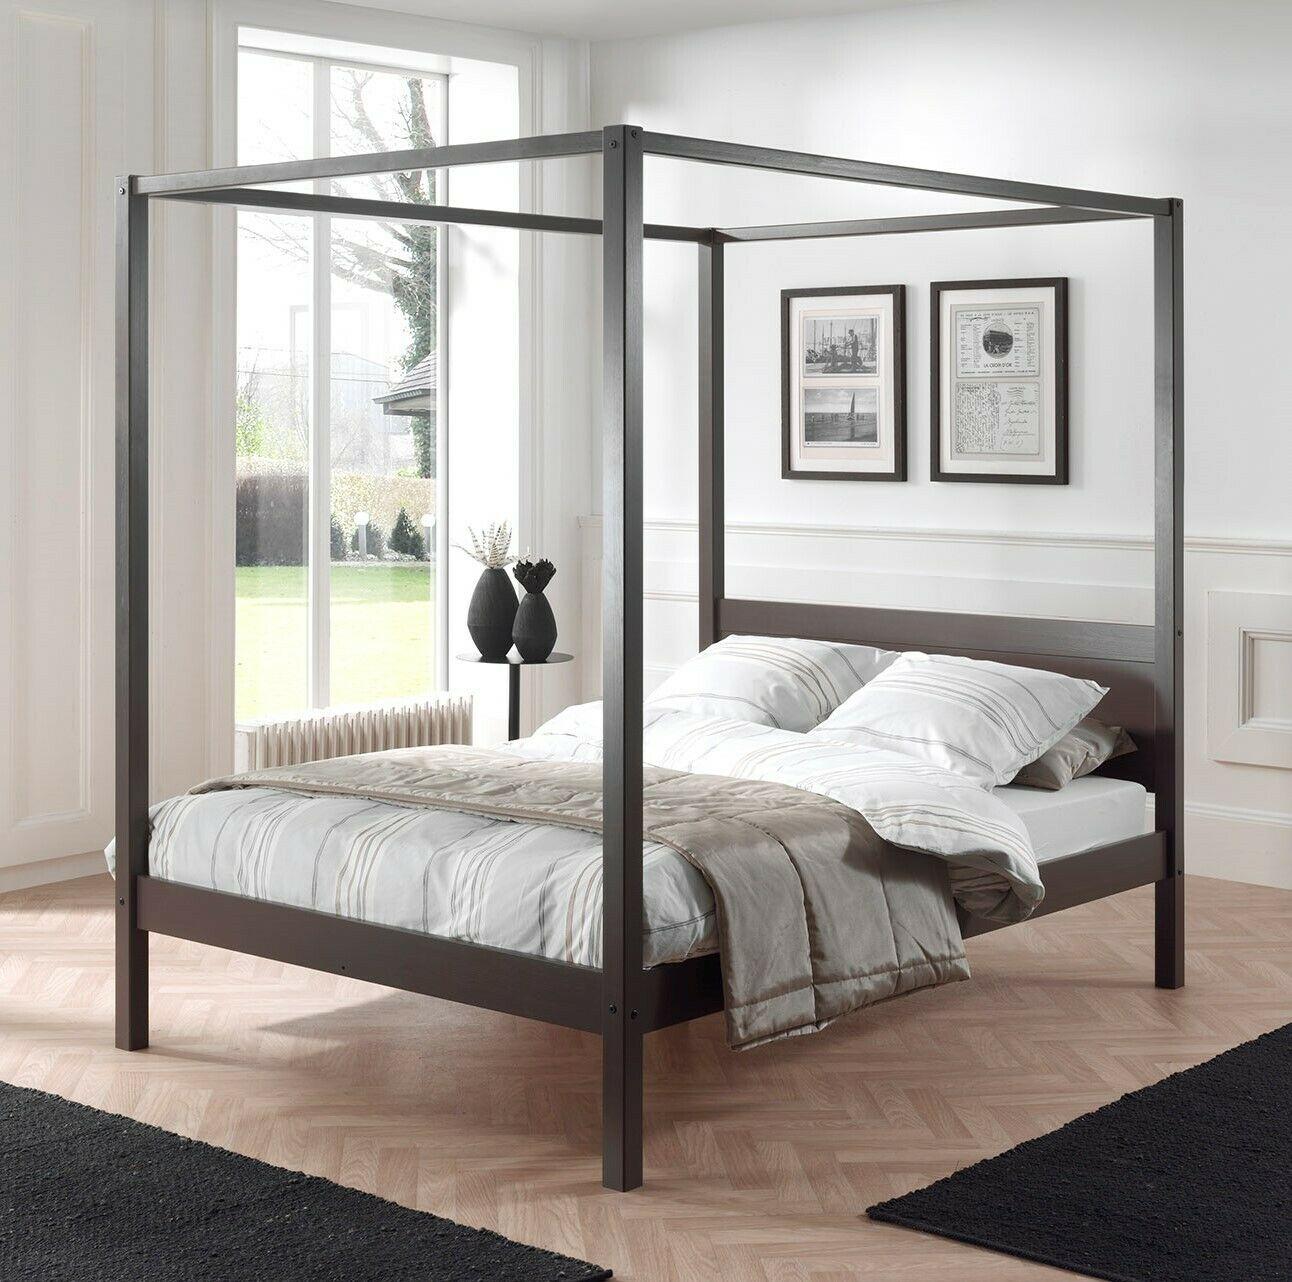 Full Size of Interlink Funktionscouch Lotar Matratzen Mehr Als 10000 Angebote Wohnzimmer Interlink Funktionscouch Lotar